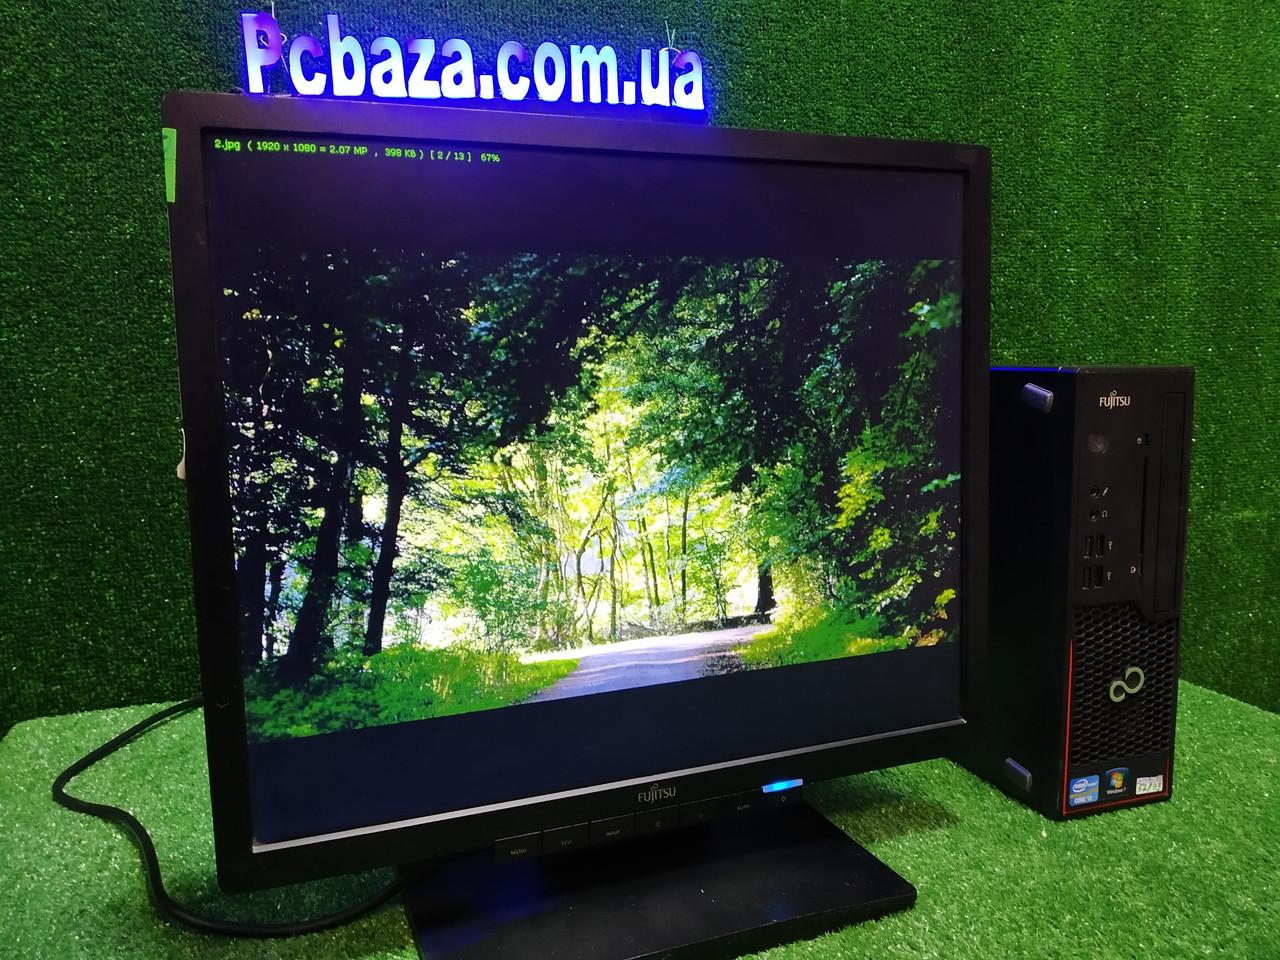 """ПК + монитор 19"""" LED, i3-3220 3.3, 4 ГБ, 500 Гб, 2xCOM, 10 USB, USB 3.0 Настроен. Германия!"""